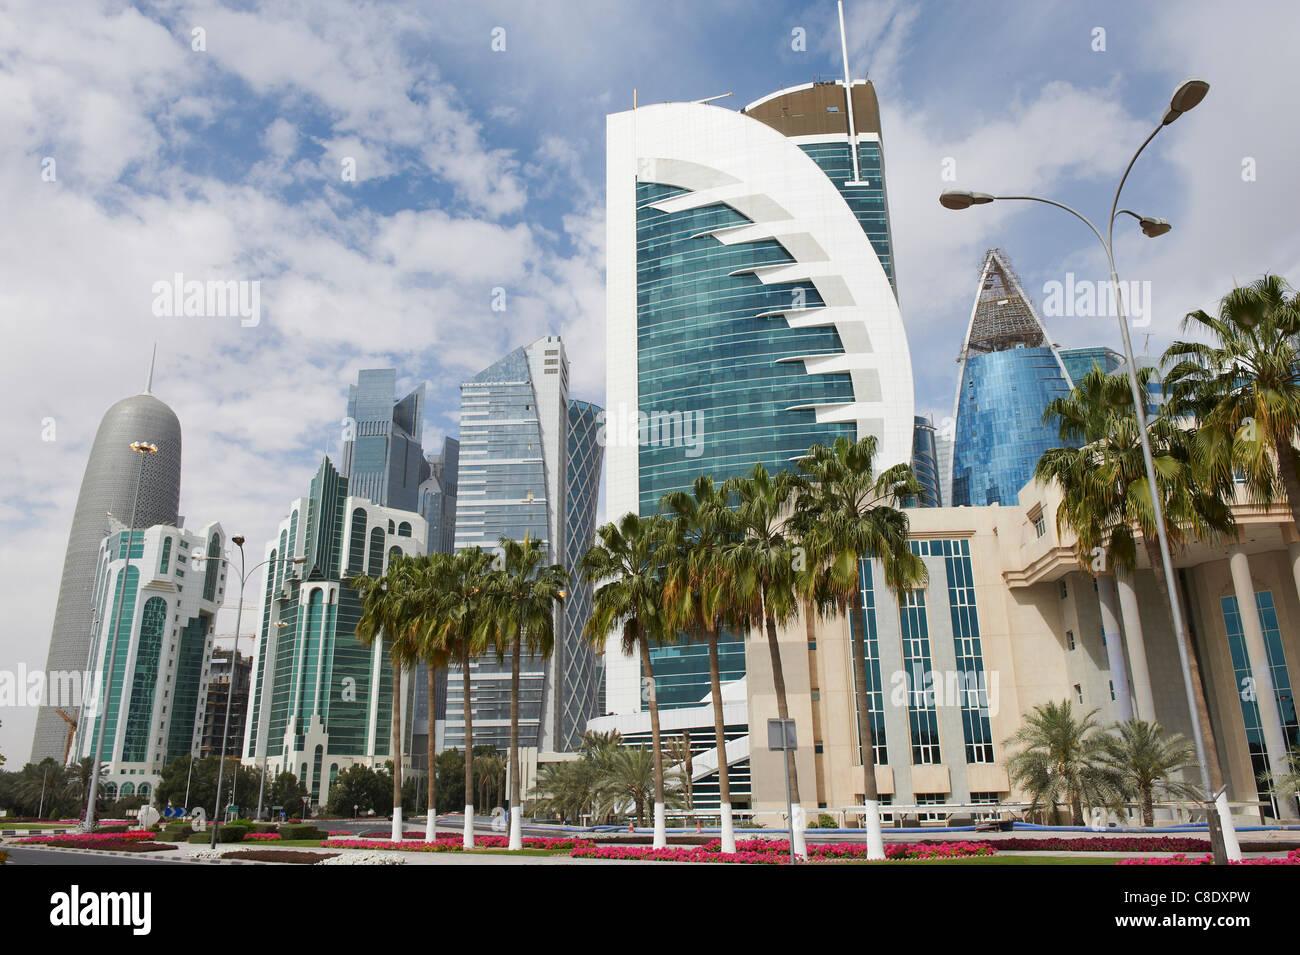 Nuevos edificios rascacielos en el centro de la ciudad de Doha (Qatar) Imagen De Stock